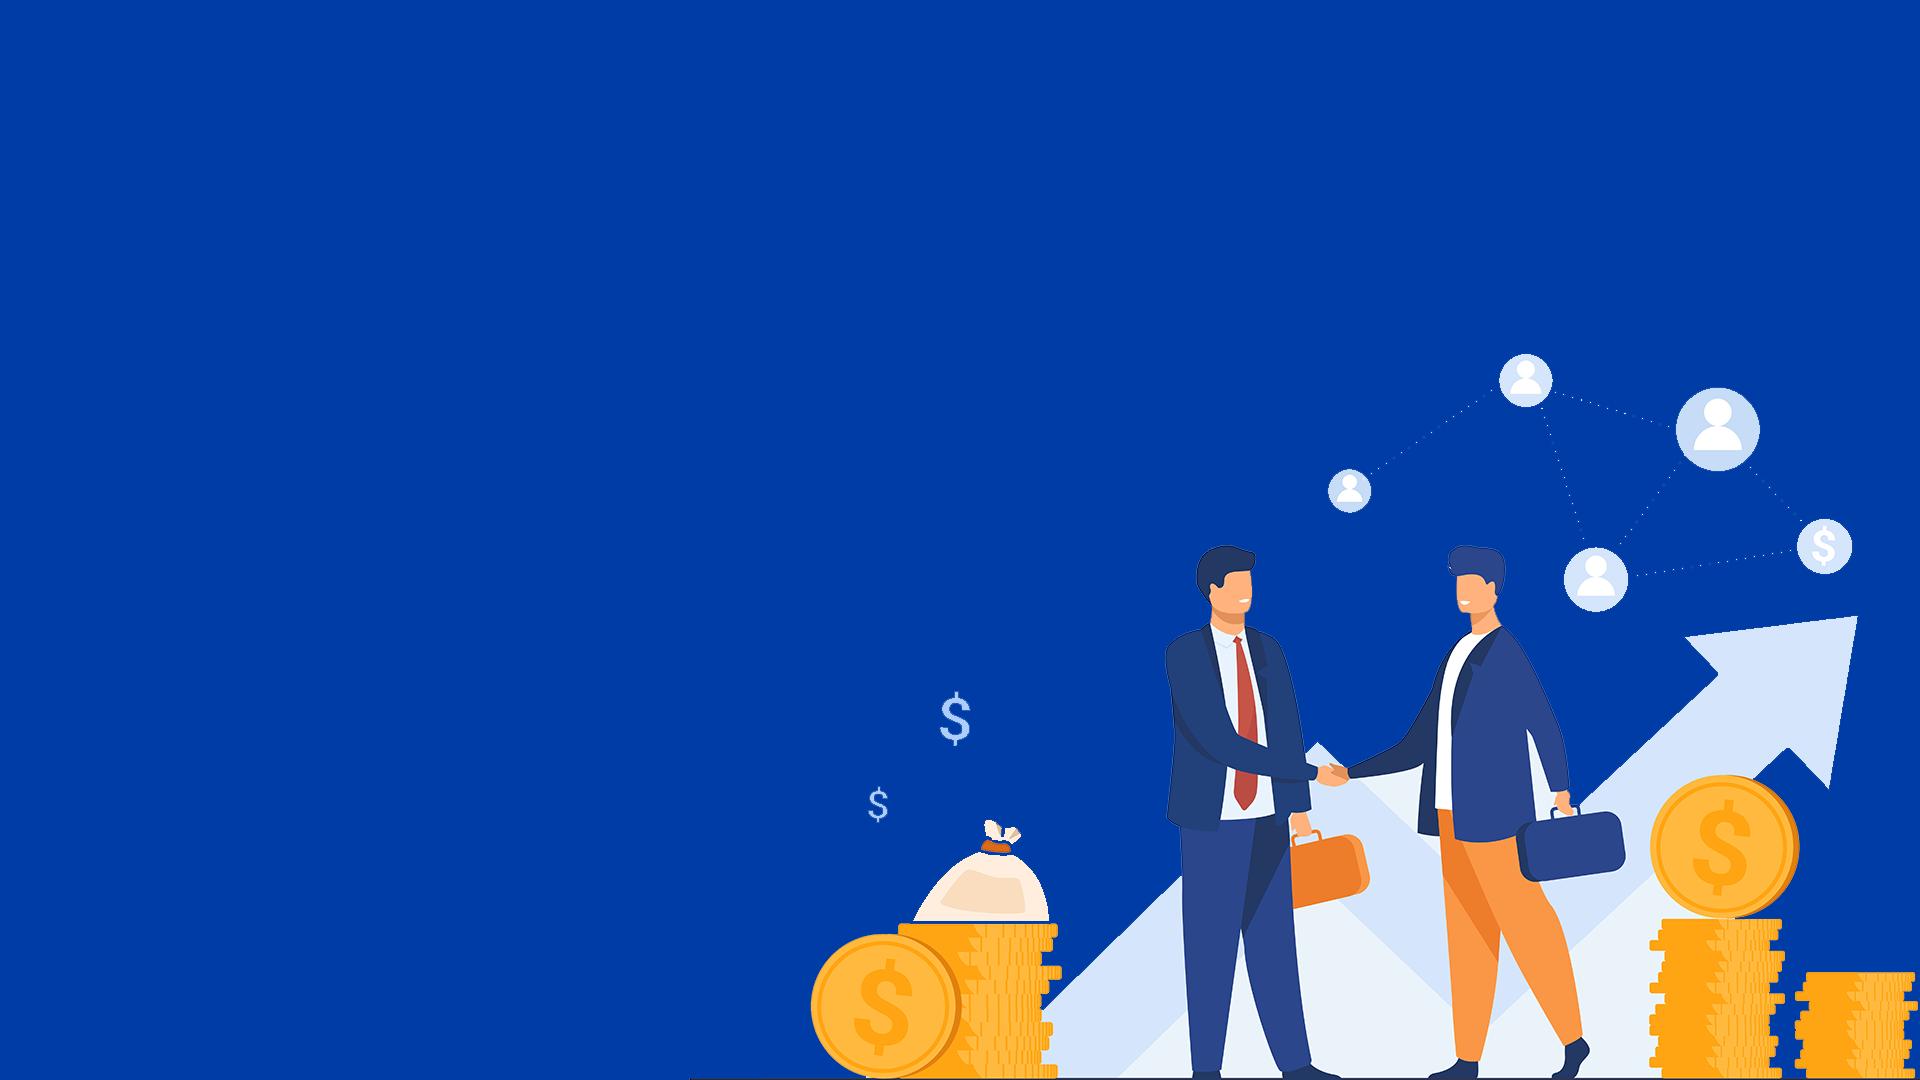 Melek Yatırımcıların Girişimlere Yatırım Yapmadan Sorması Gereken 3 Soru